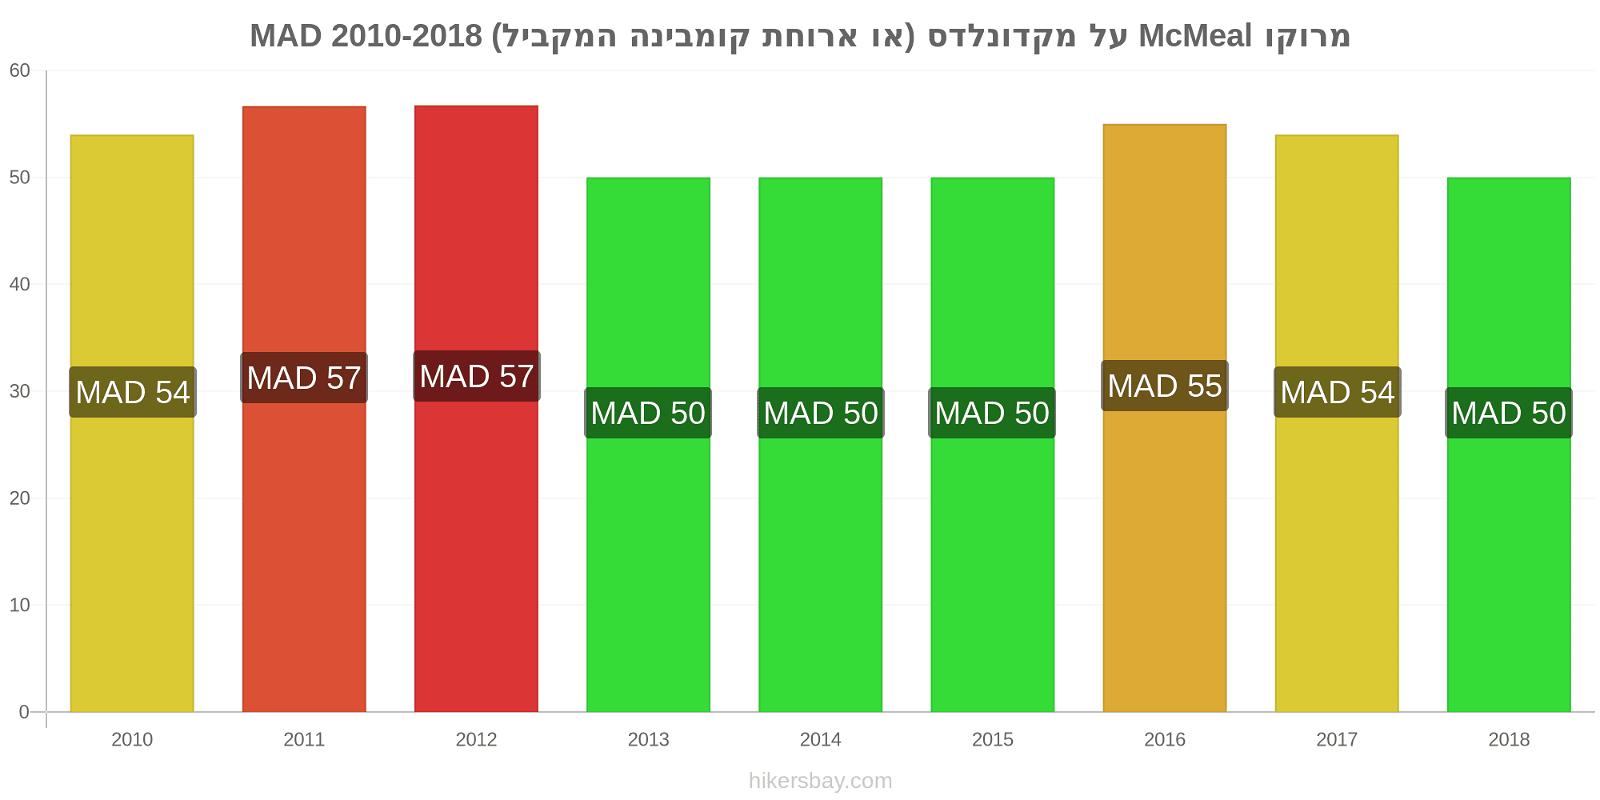 מרוקו שינויי מחירים McMeal על מקדונלדס (או ארוחת קומבינה המקביל) hikersbay.com